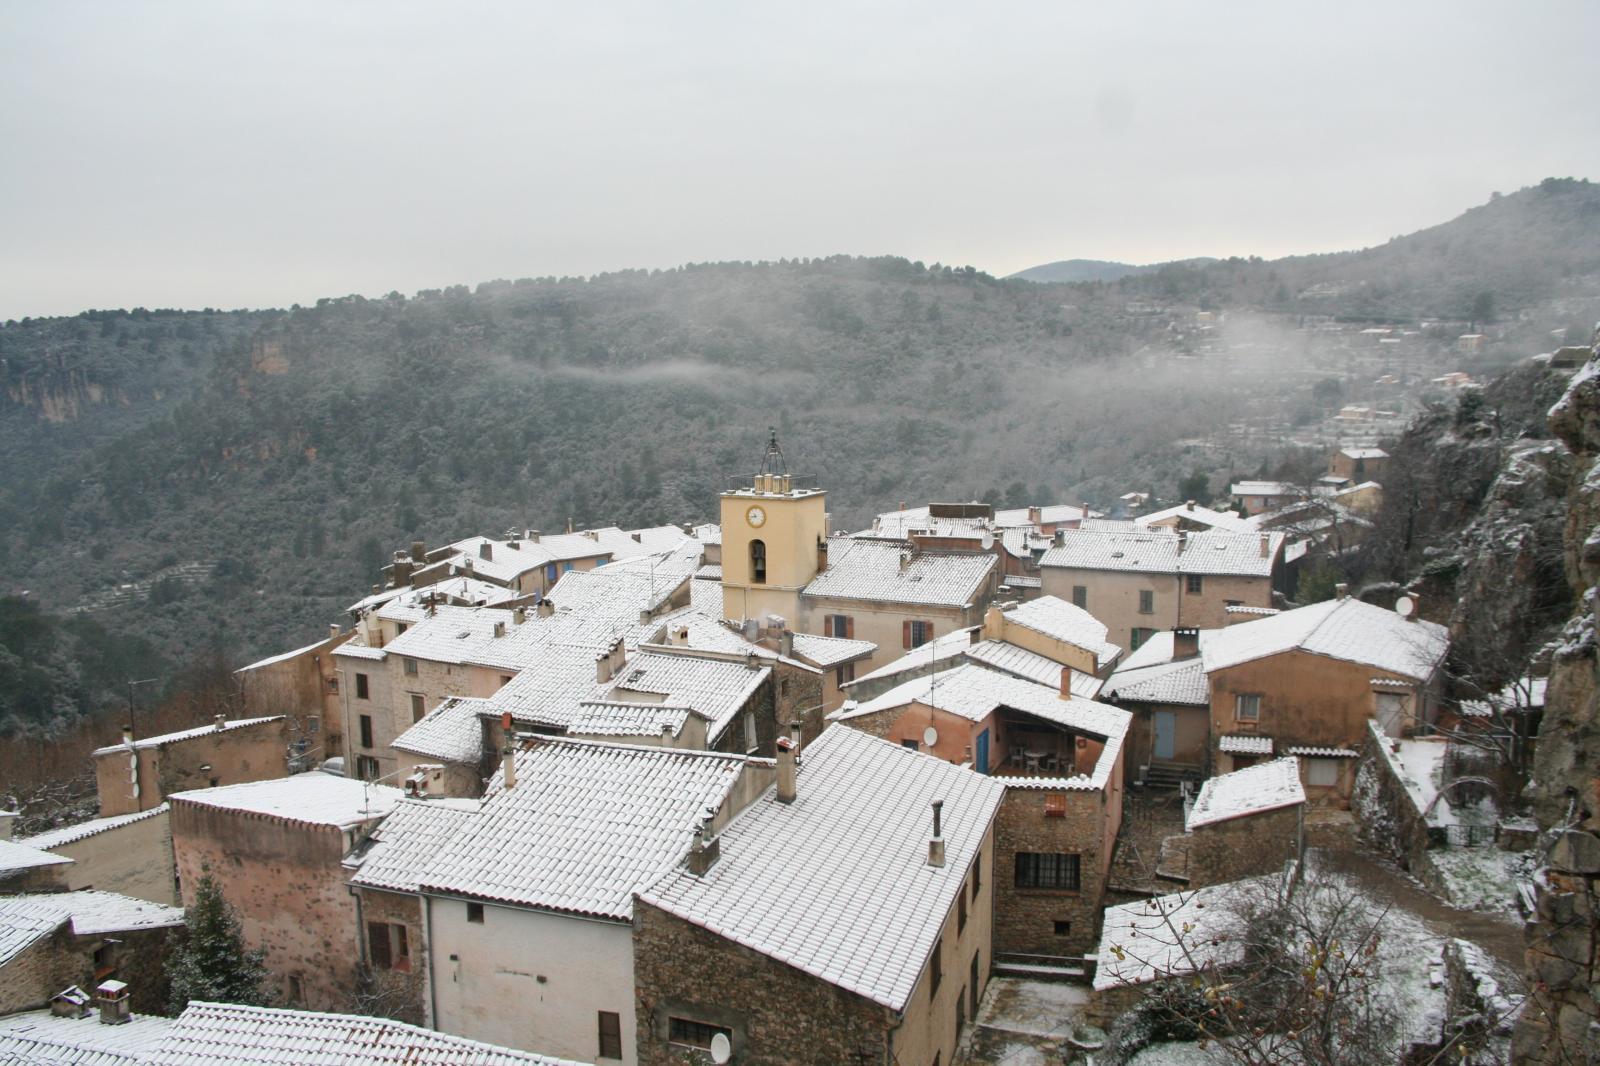 Chateaudoble sous la neige